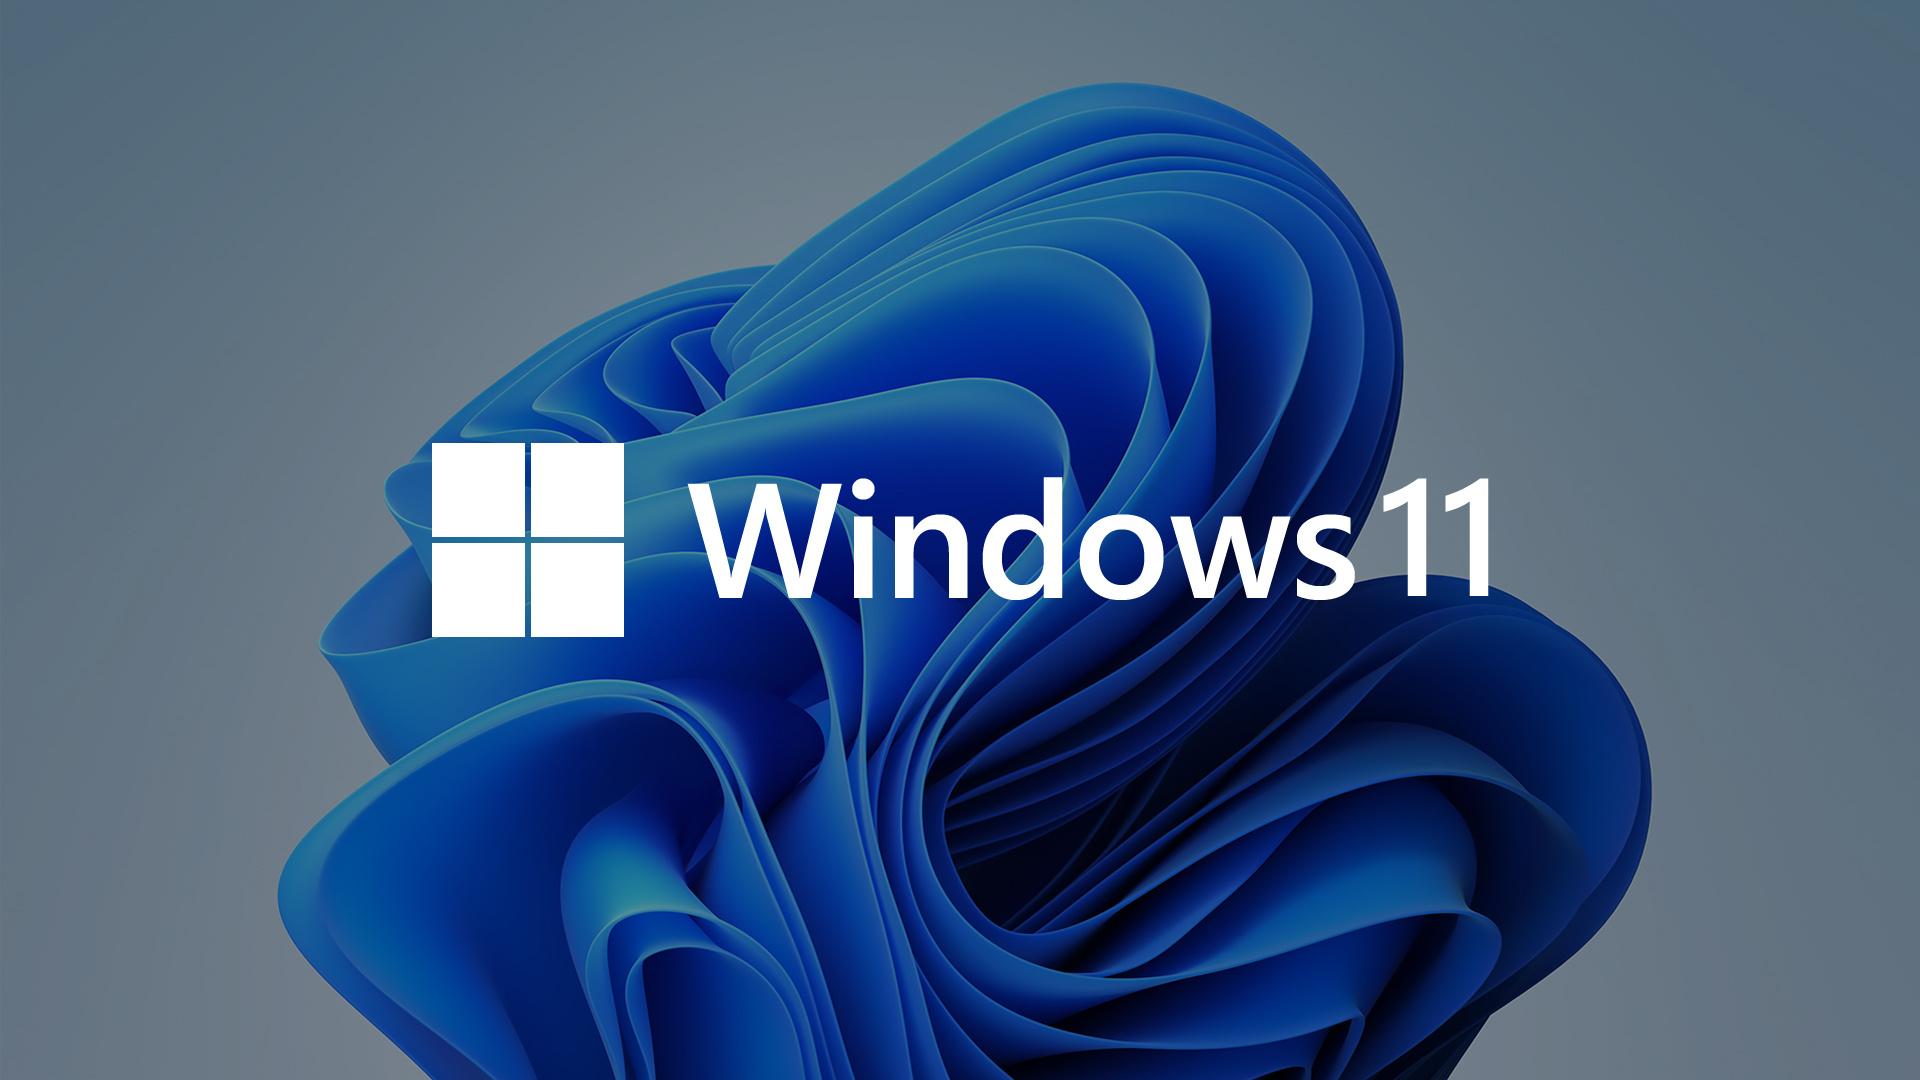 微软语音助手Cortana:没有Windows 11